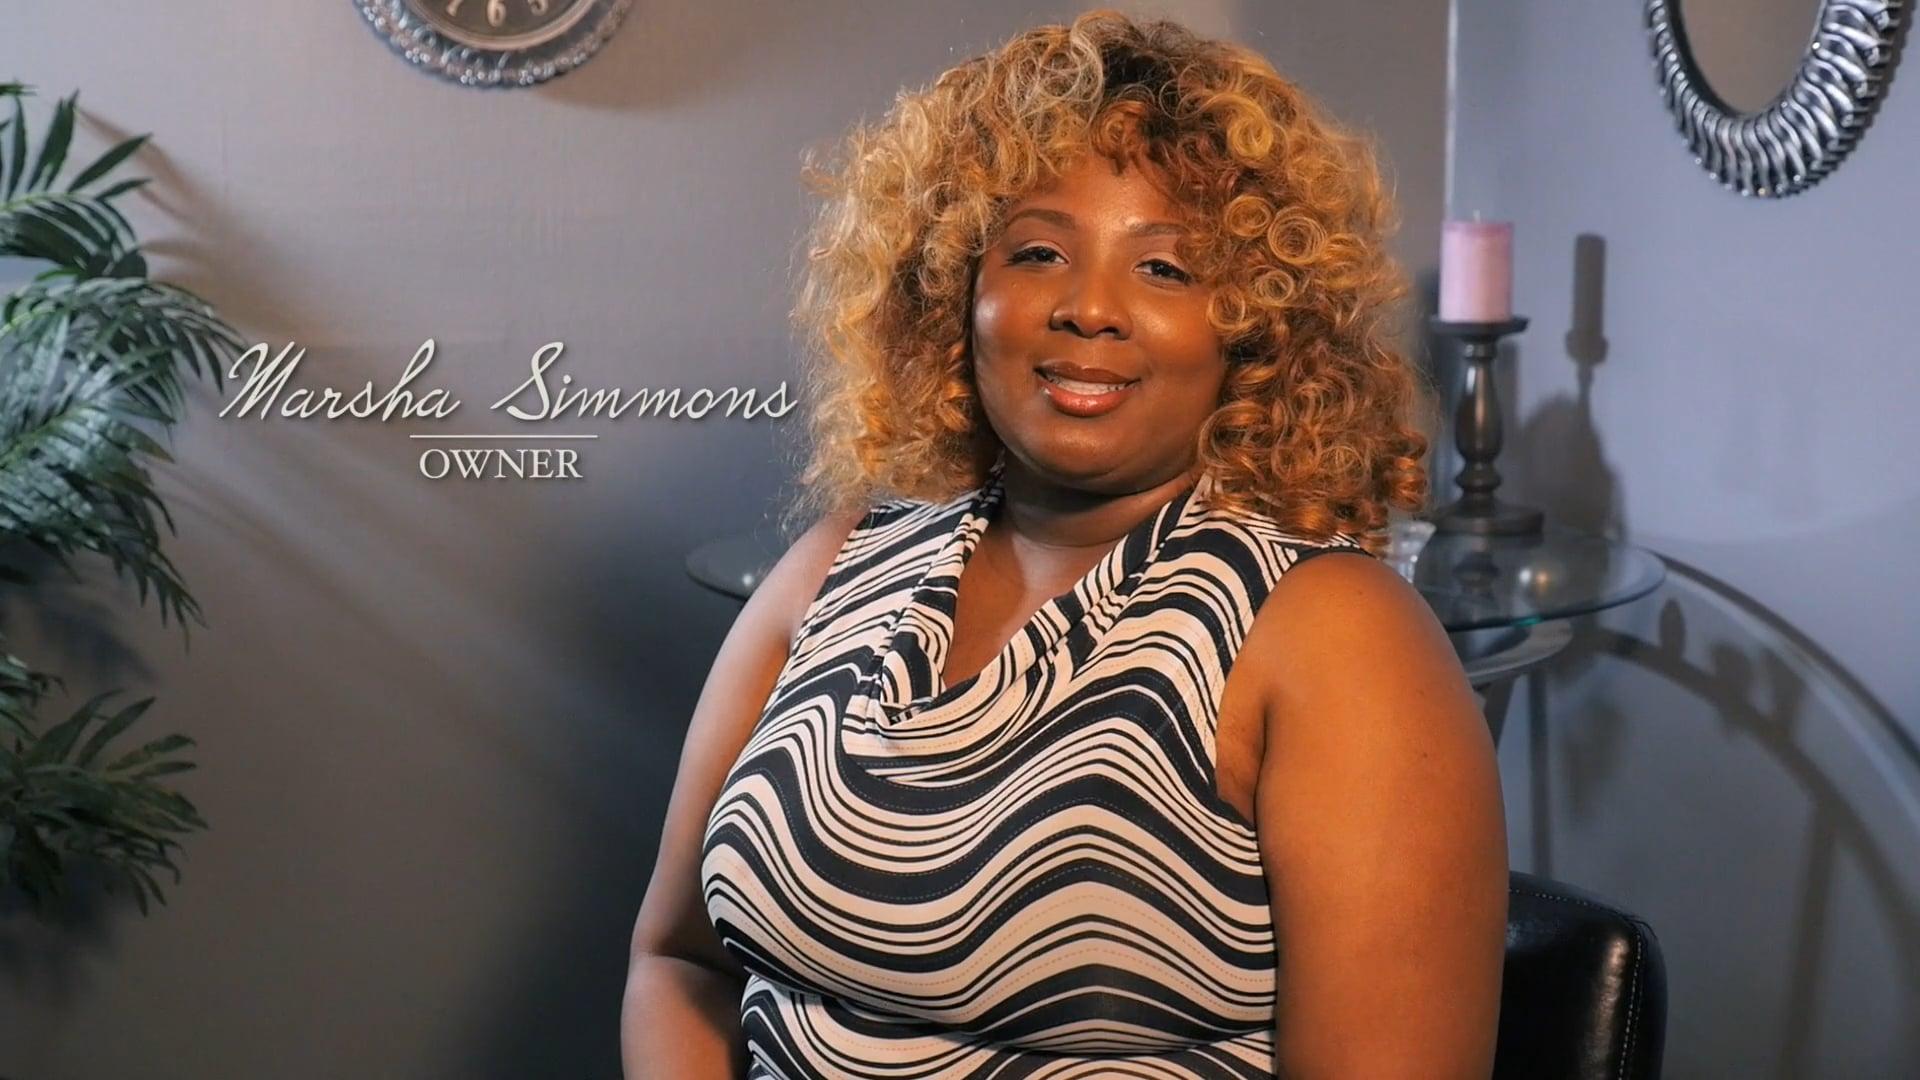 Promo Video for Marche Lash Bar (beauty shop)